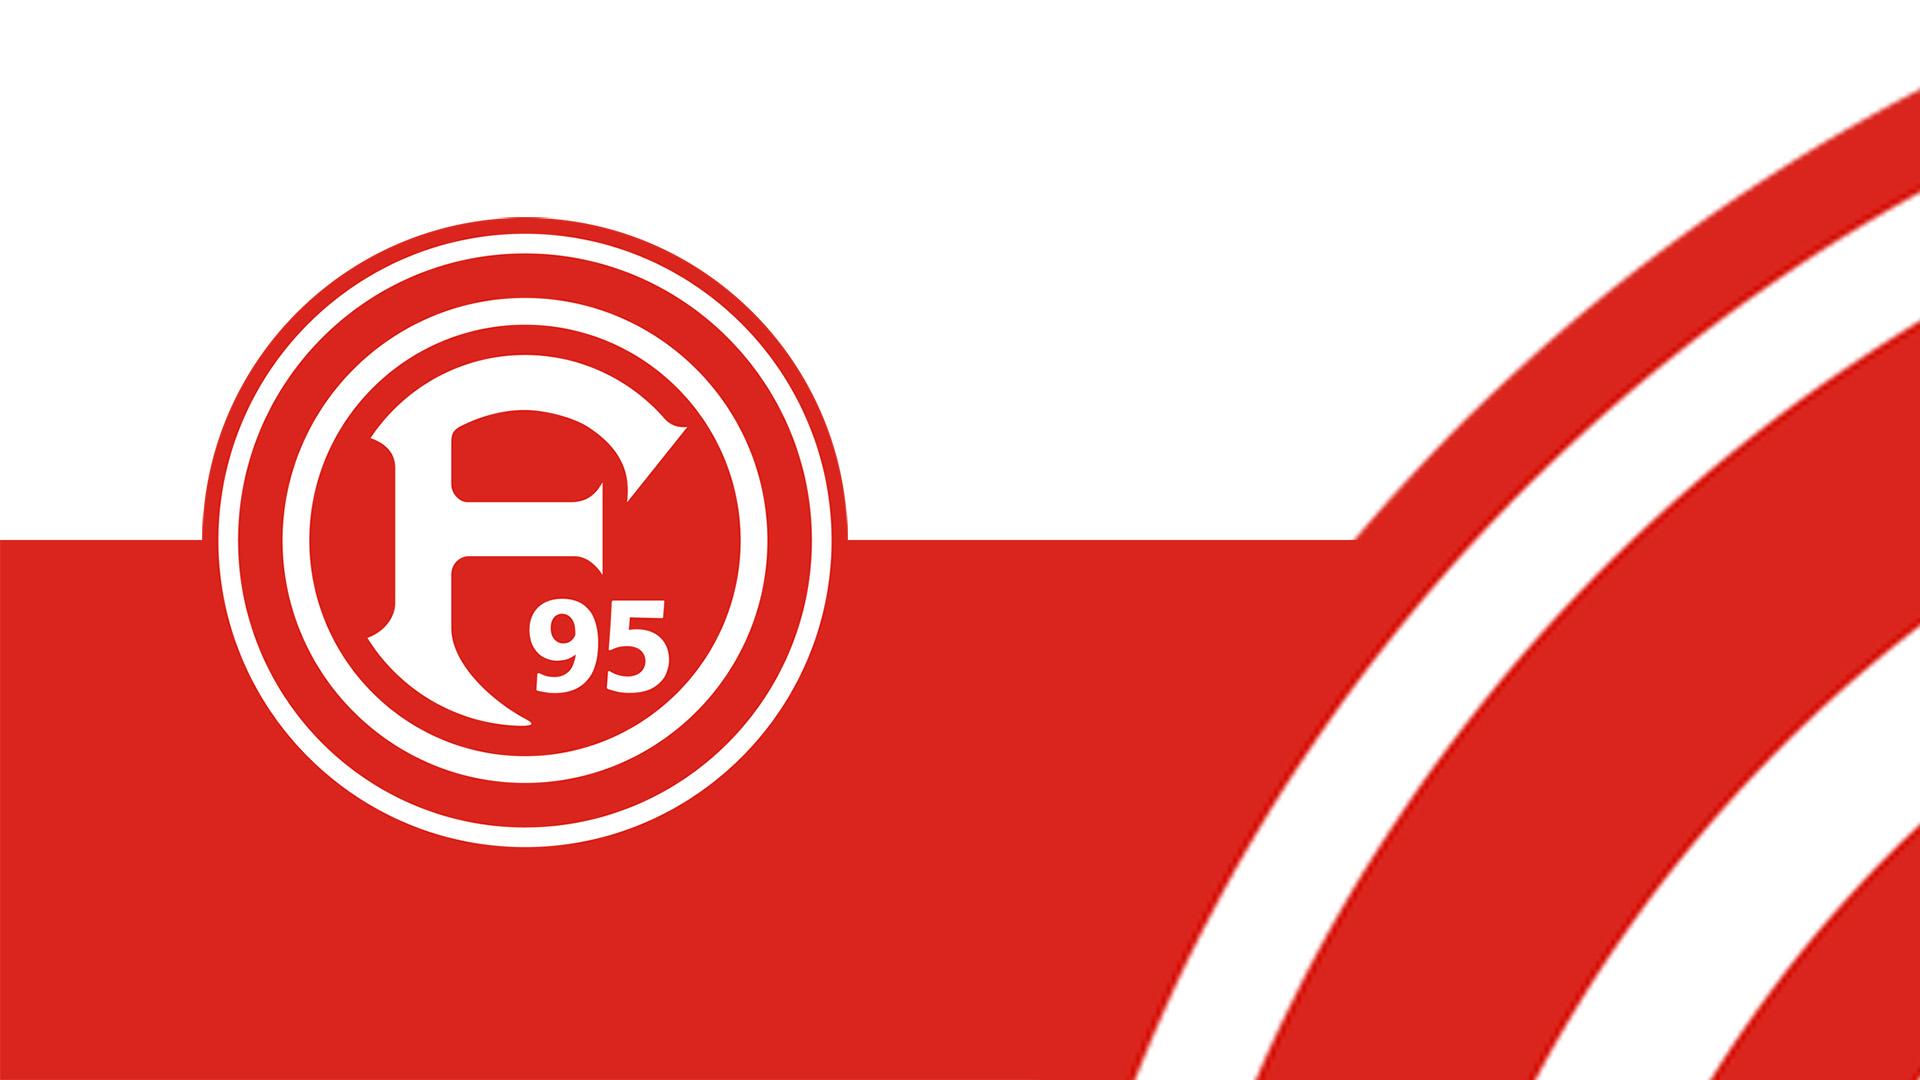 Fortuna Düsseldorf (F95) - Hintergrundbilder kostenlos